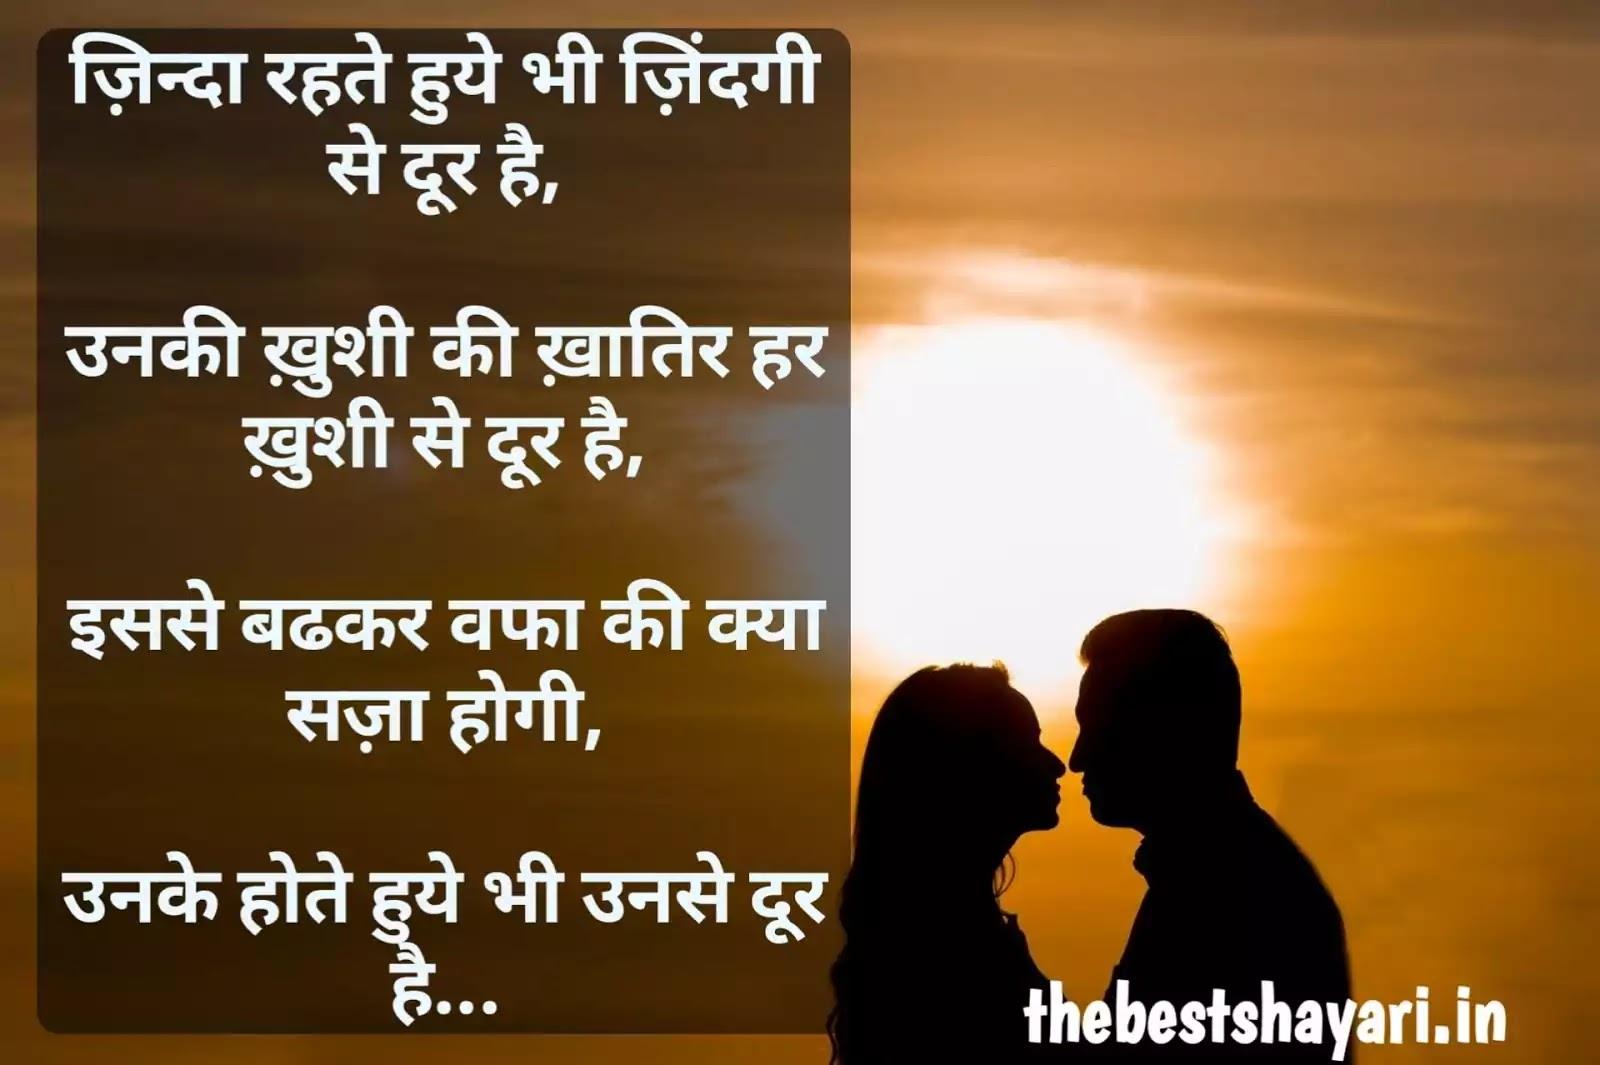 Shayari dard bhari zindagi Hindi 140